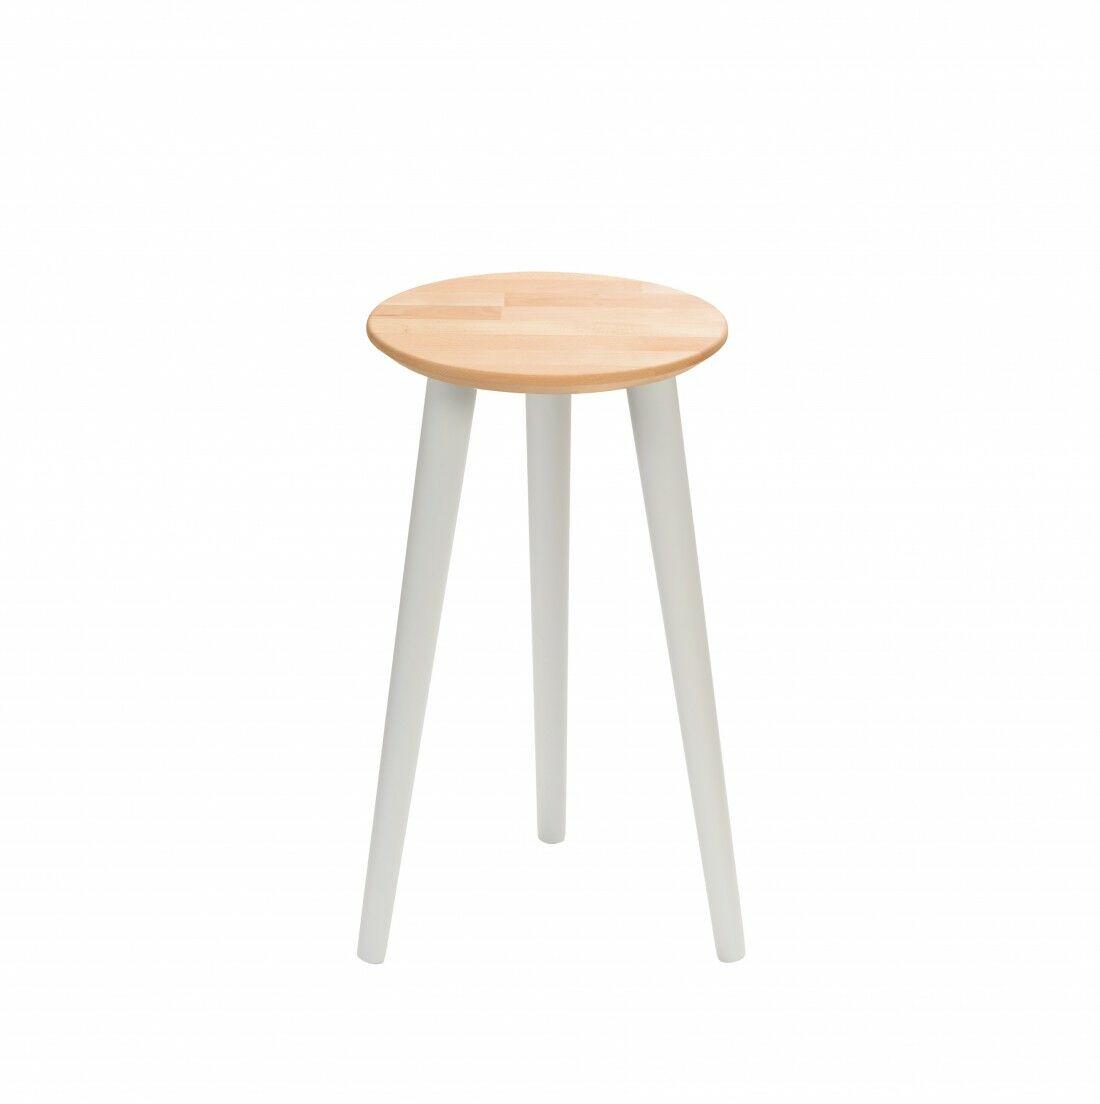 Taboret drewniany okrągły z litego buka Olejowany buk - Natural, Wykończenie nogi - Szary, Wysokość - 540, Wymiar siedziska (Średnica) - 300